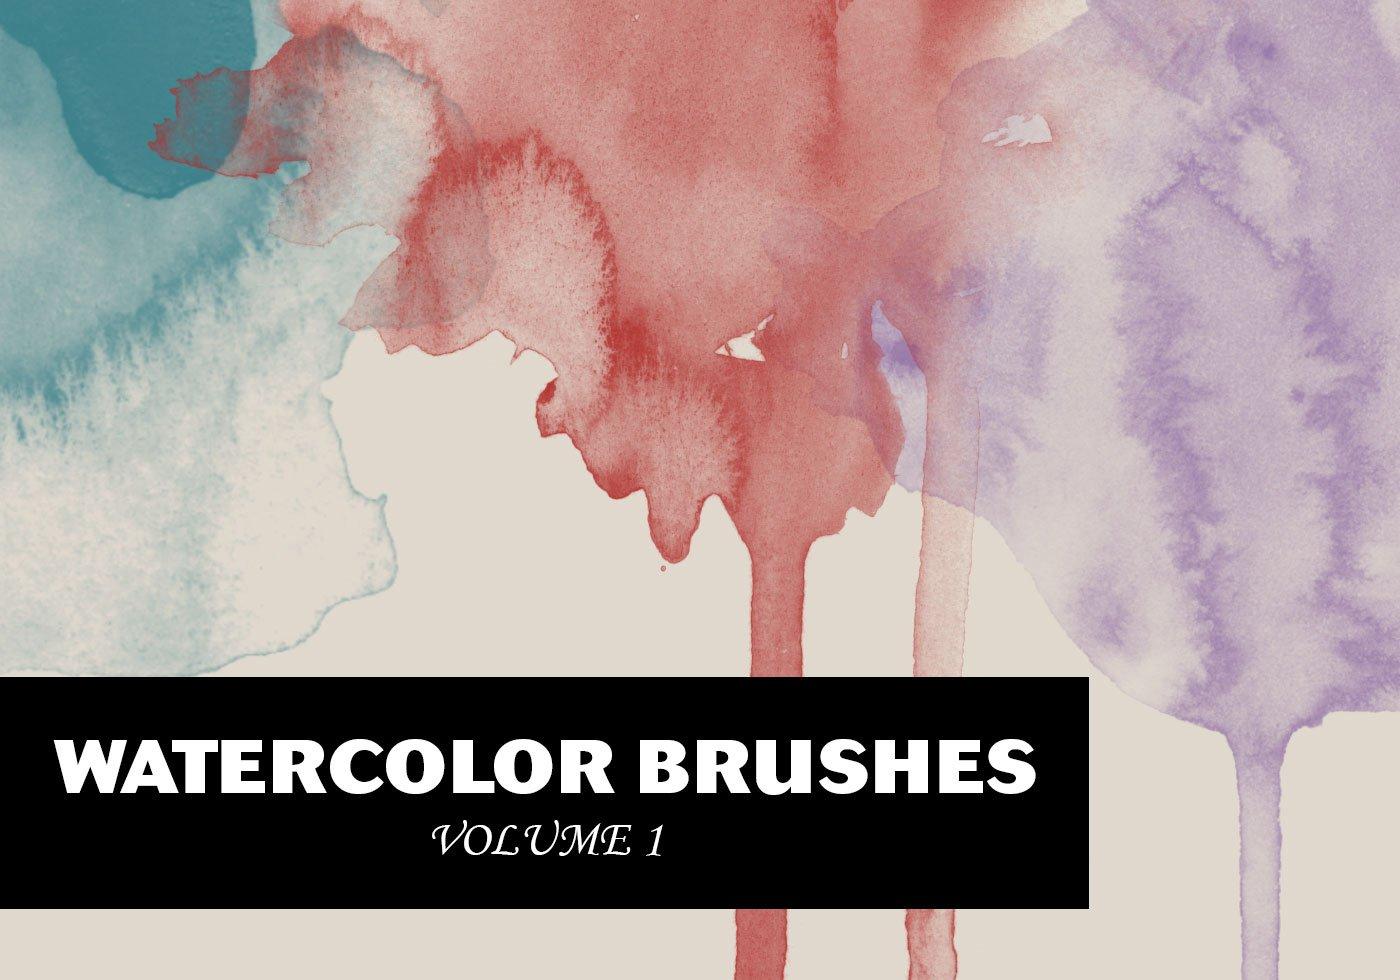 Wg-watercolor-brushes-vol1